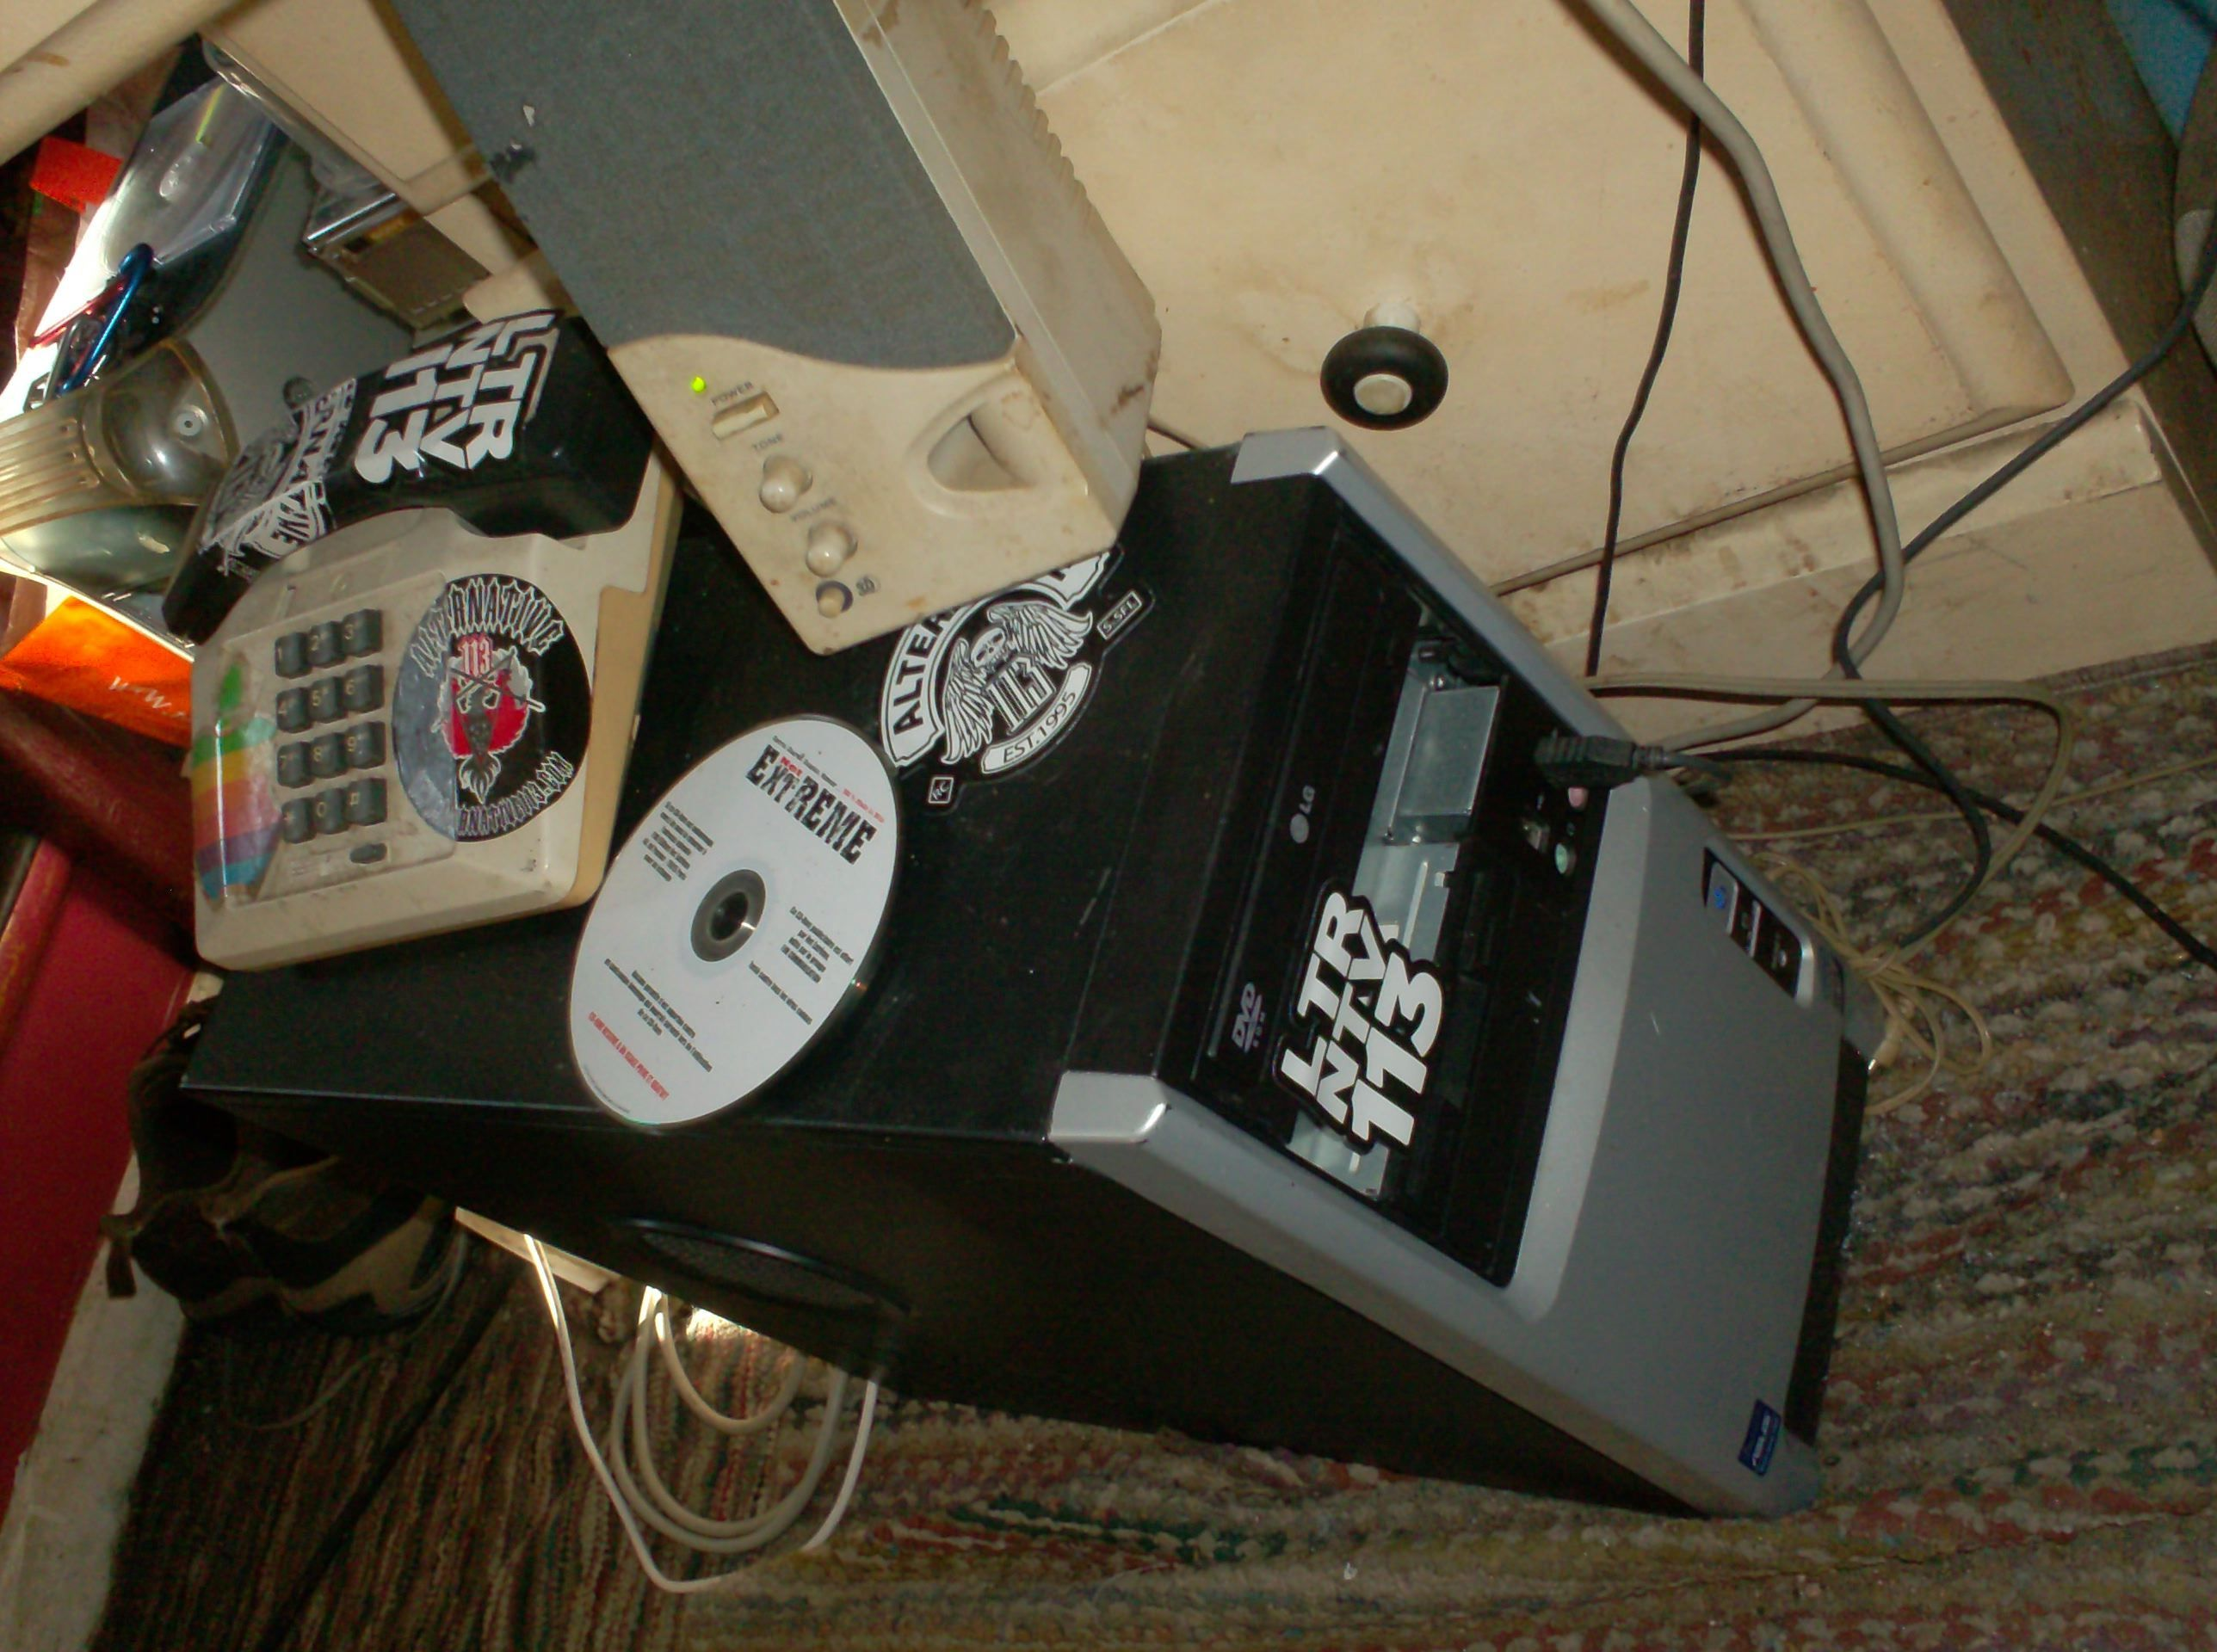 http://media-cache-ak0.pinimg.com/originals/5d/f1/9a/5df19a9195754b6640f34e3b0a5af37d.jpg